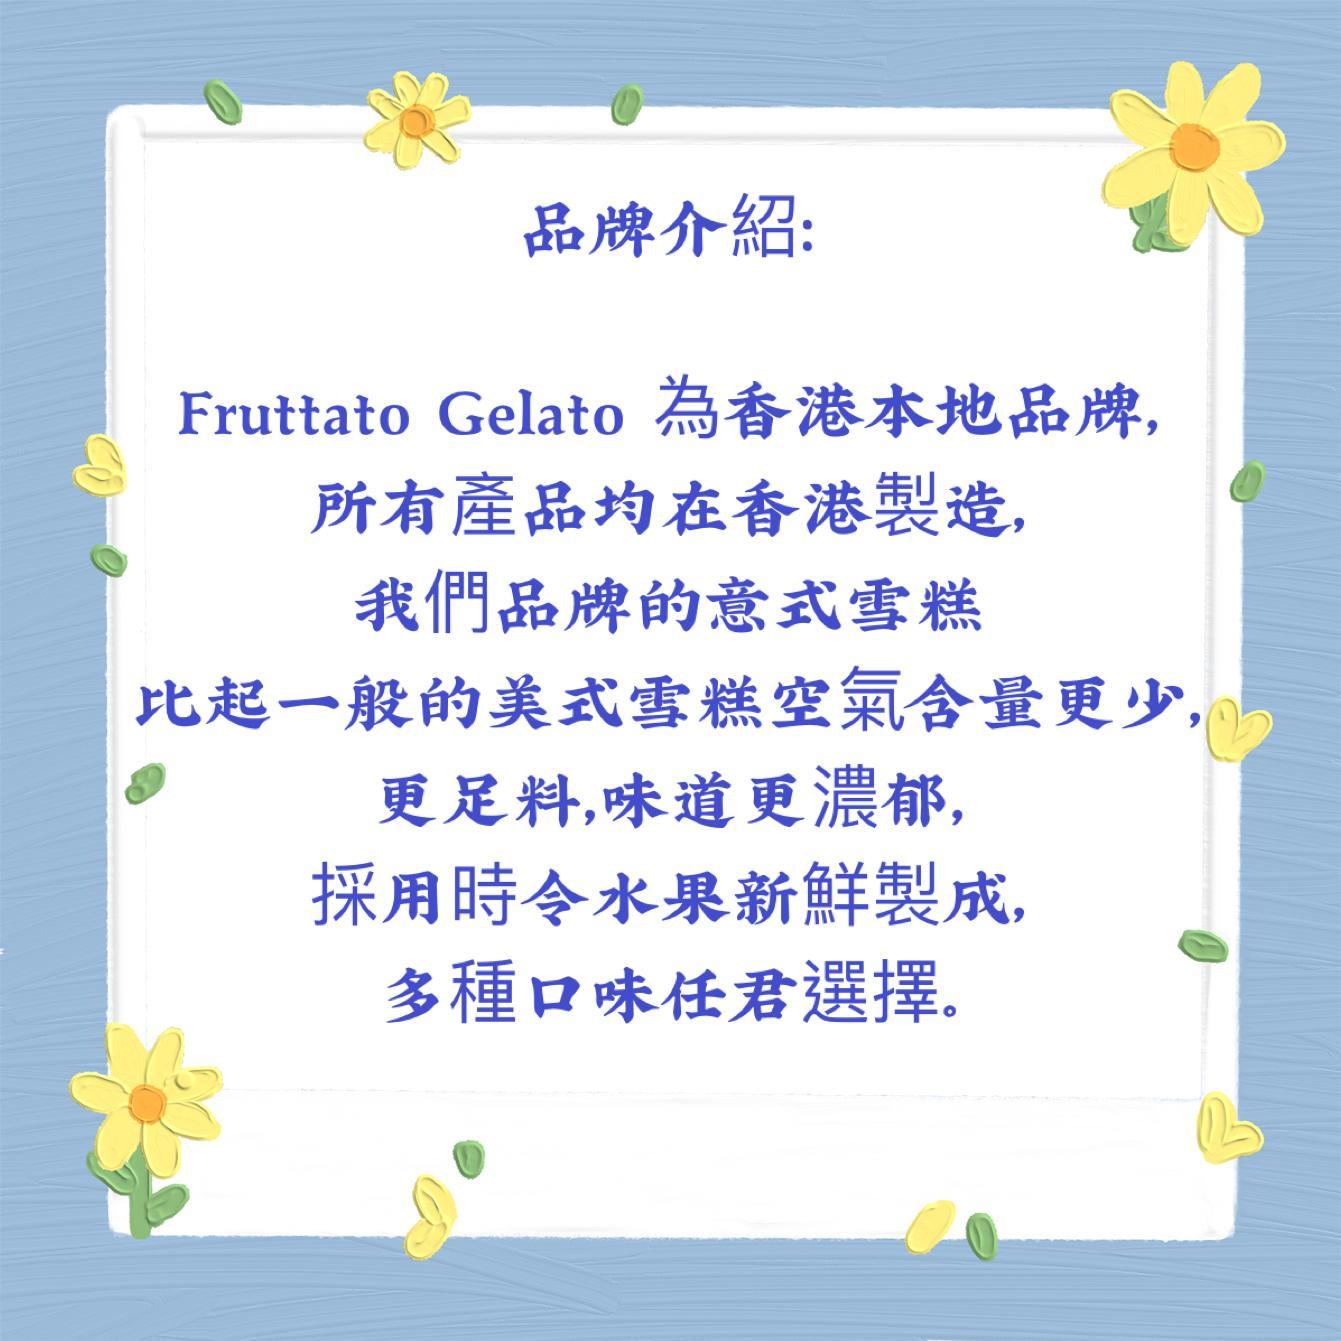 fruttato-gelato-info-.jpg